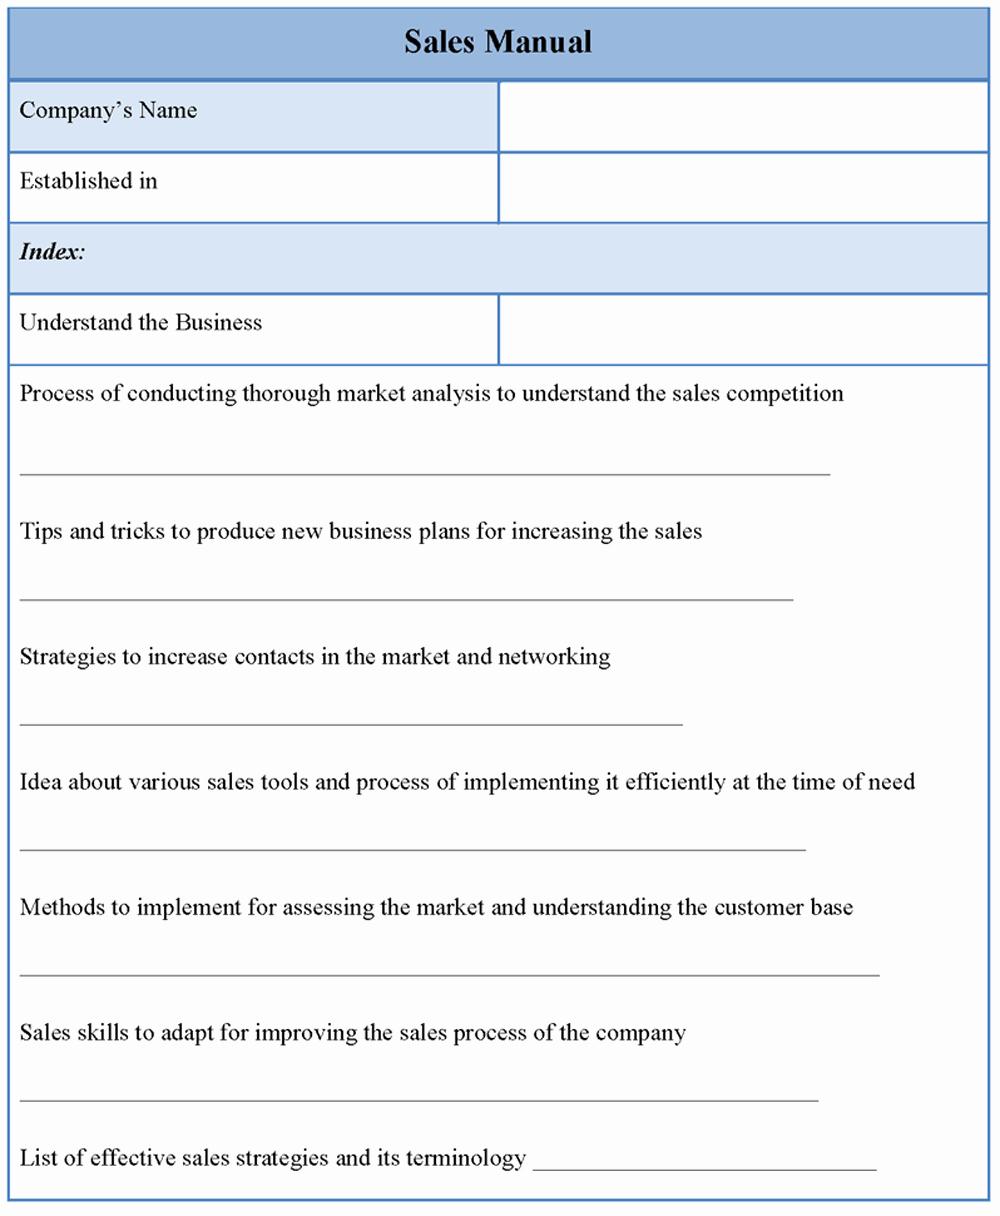 Sales Training Manual Template Beautiful Manual Template for Sales Sample Of Sales Manual Template